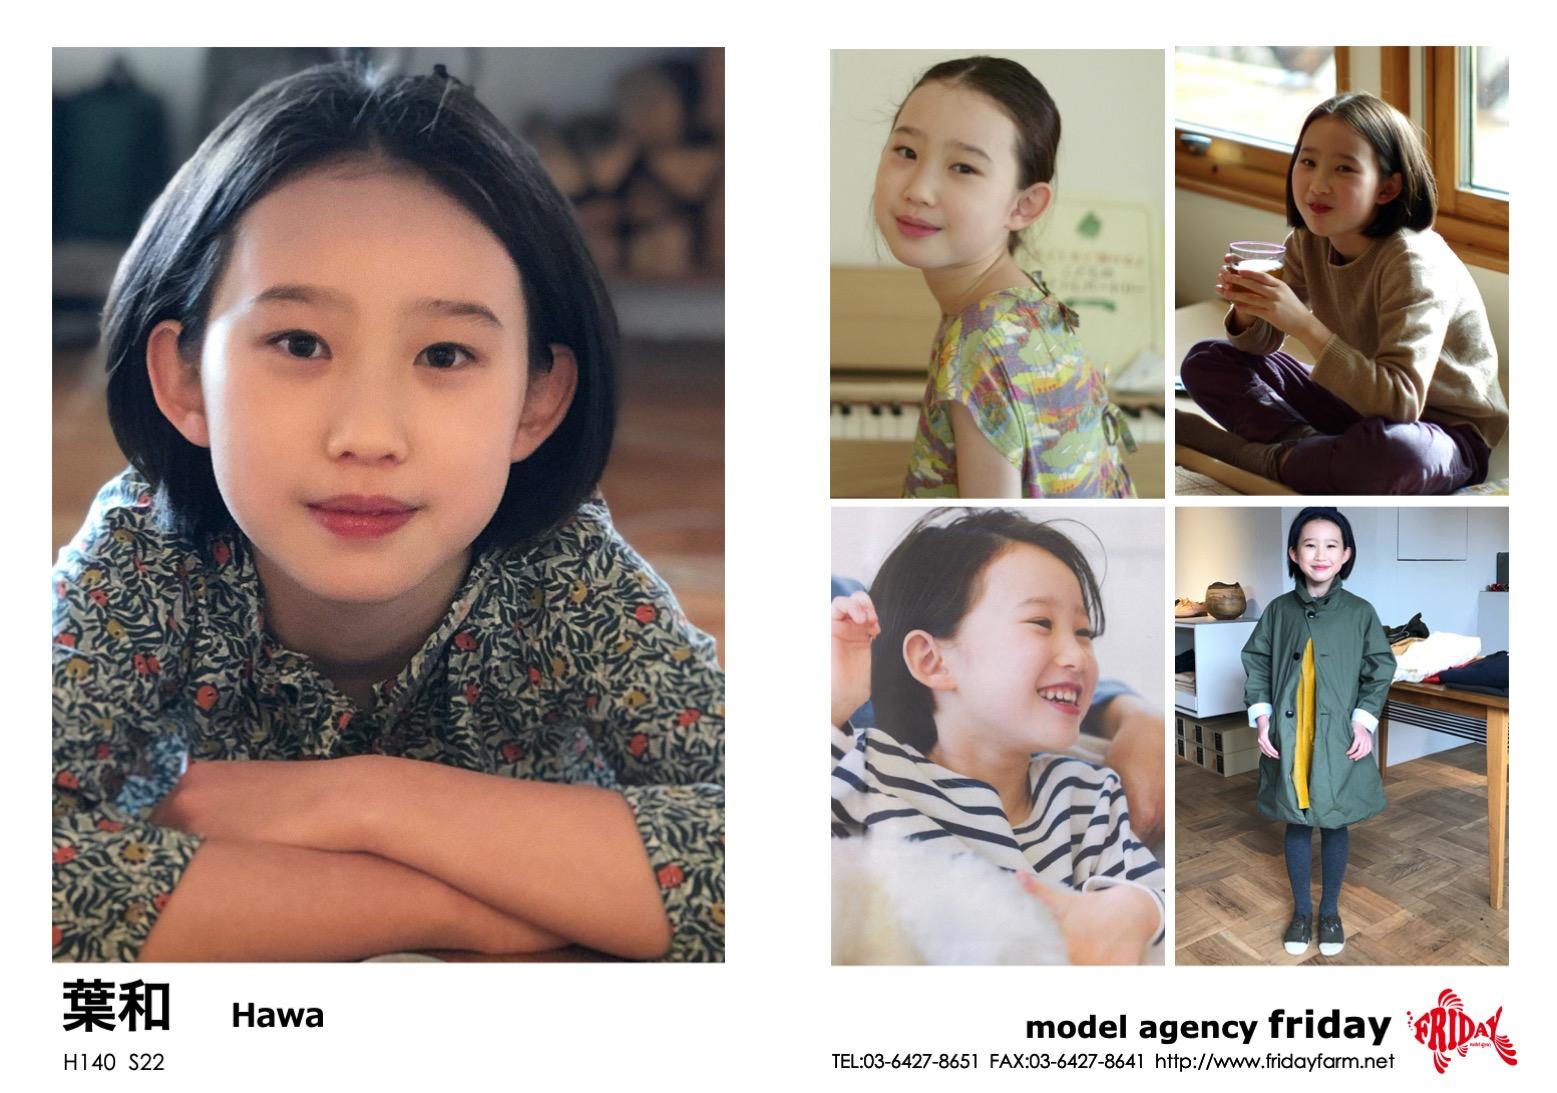 葉和 - Hawa | model agency friday